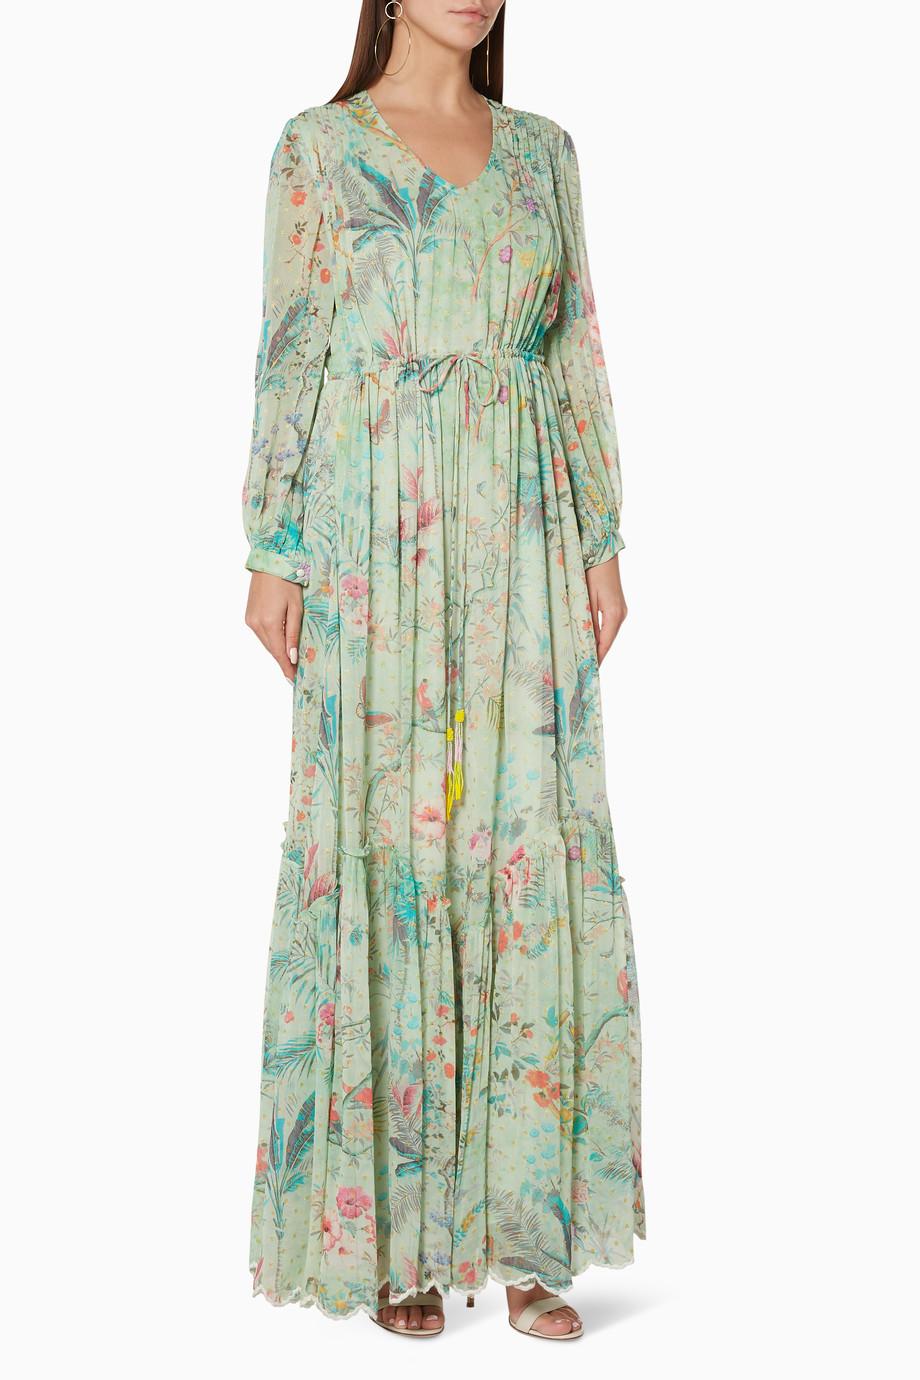 f2e081677 Shop Hemant & Nandita Green Tropical-Print Maxi Dress for Women   Ounass